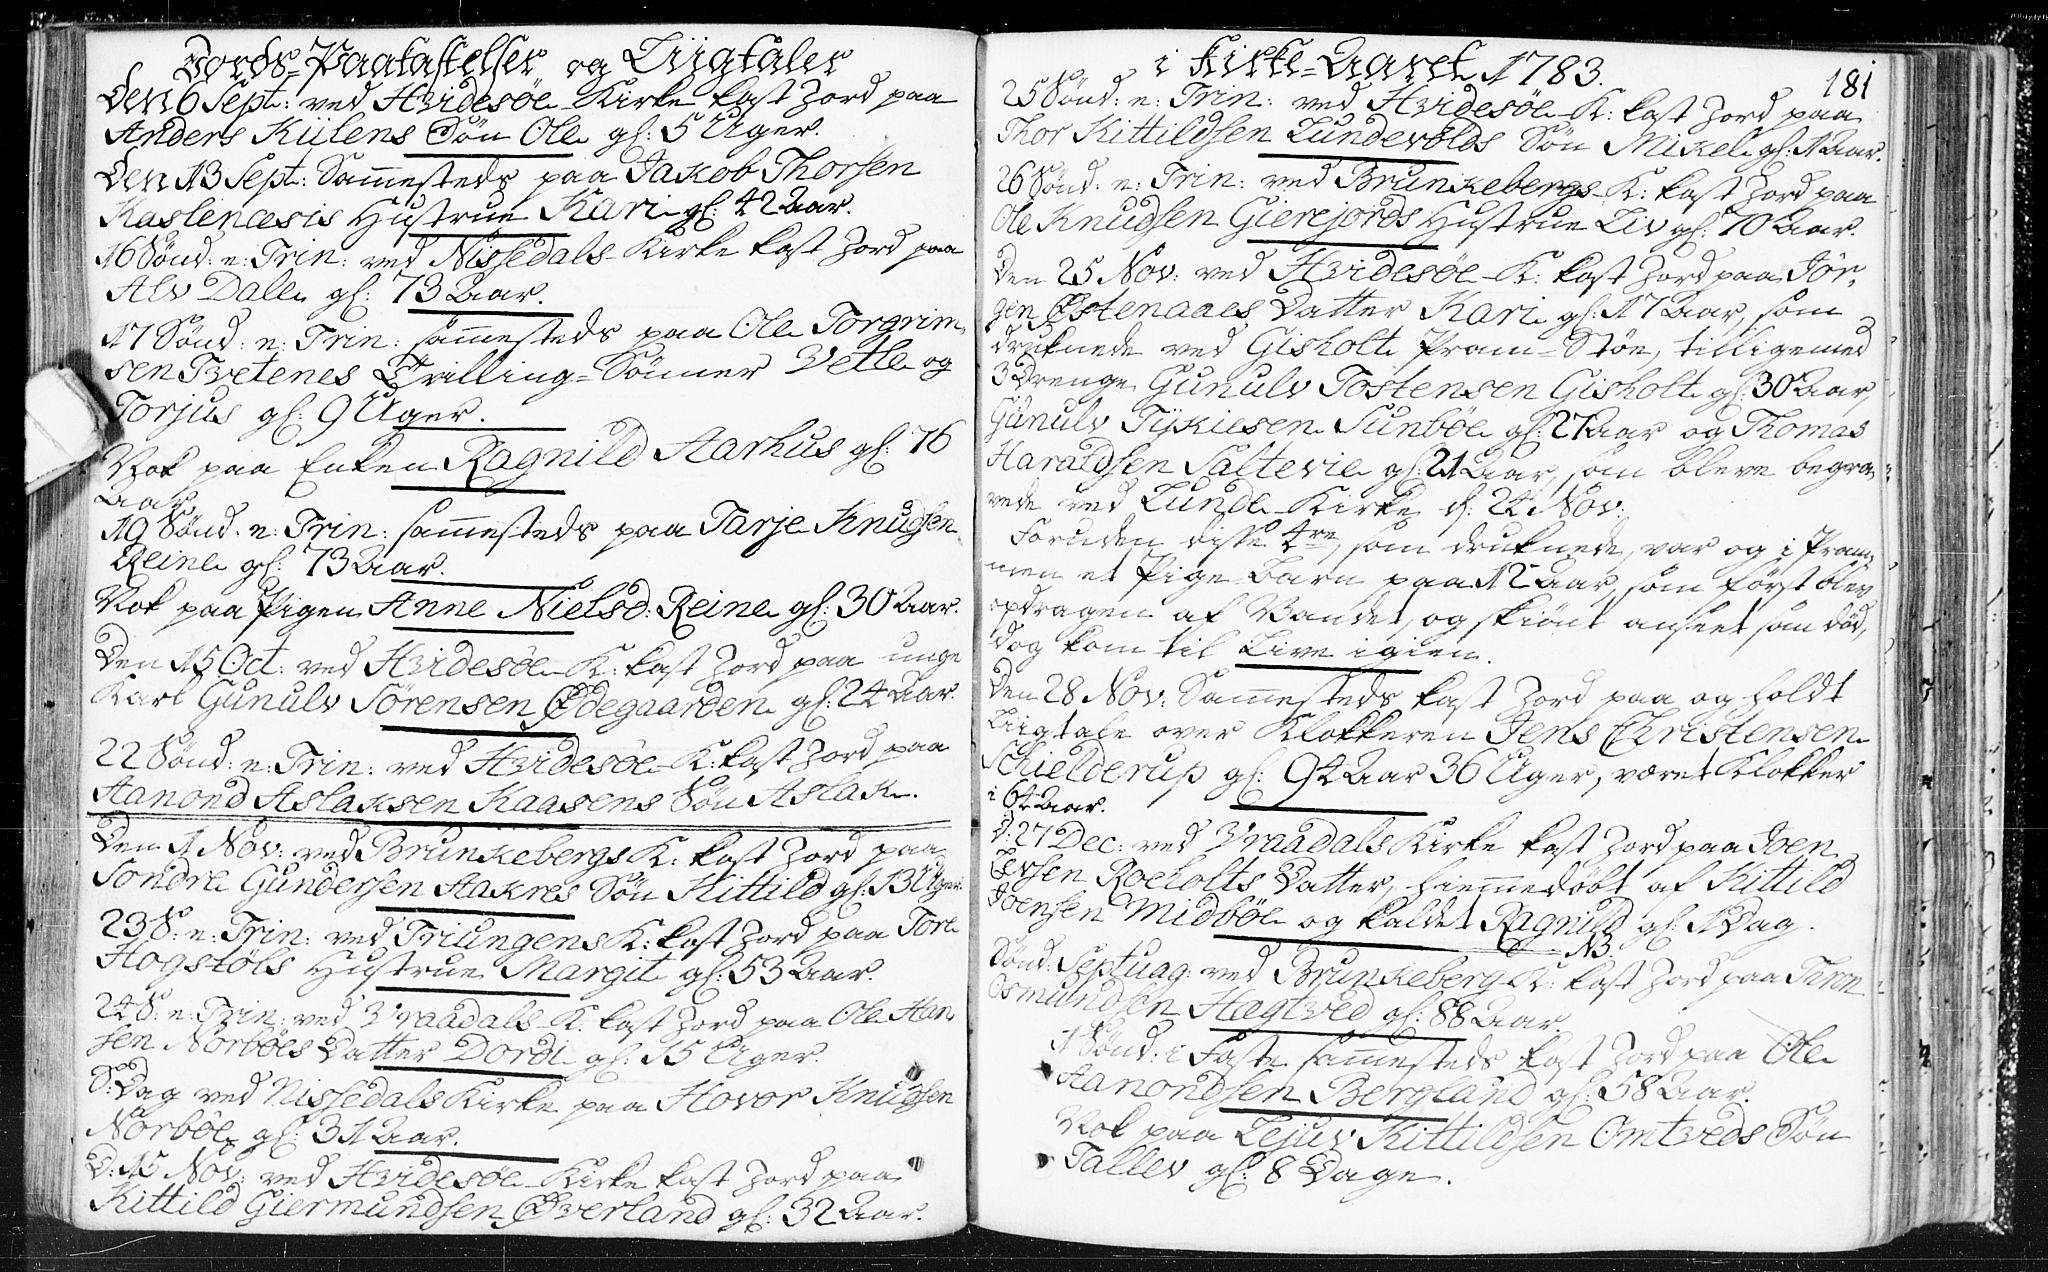 SAKO, Kviteseid kirkebøker, F/Fa/L0002: Ministerialbok nr. I 2, 1773-1786, s. 181